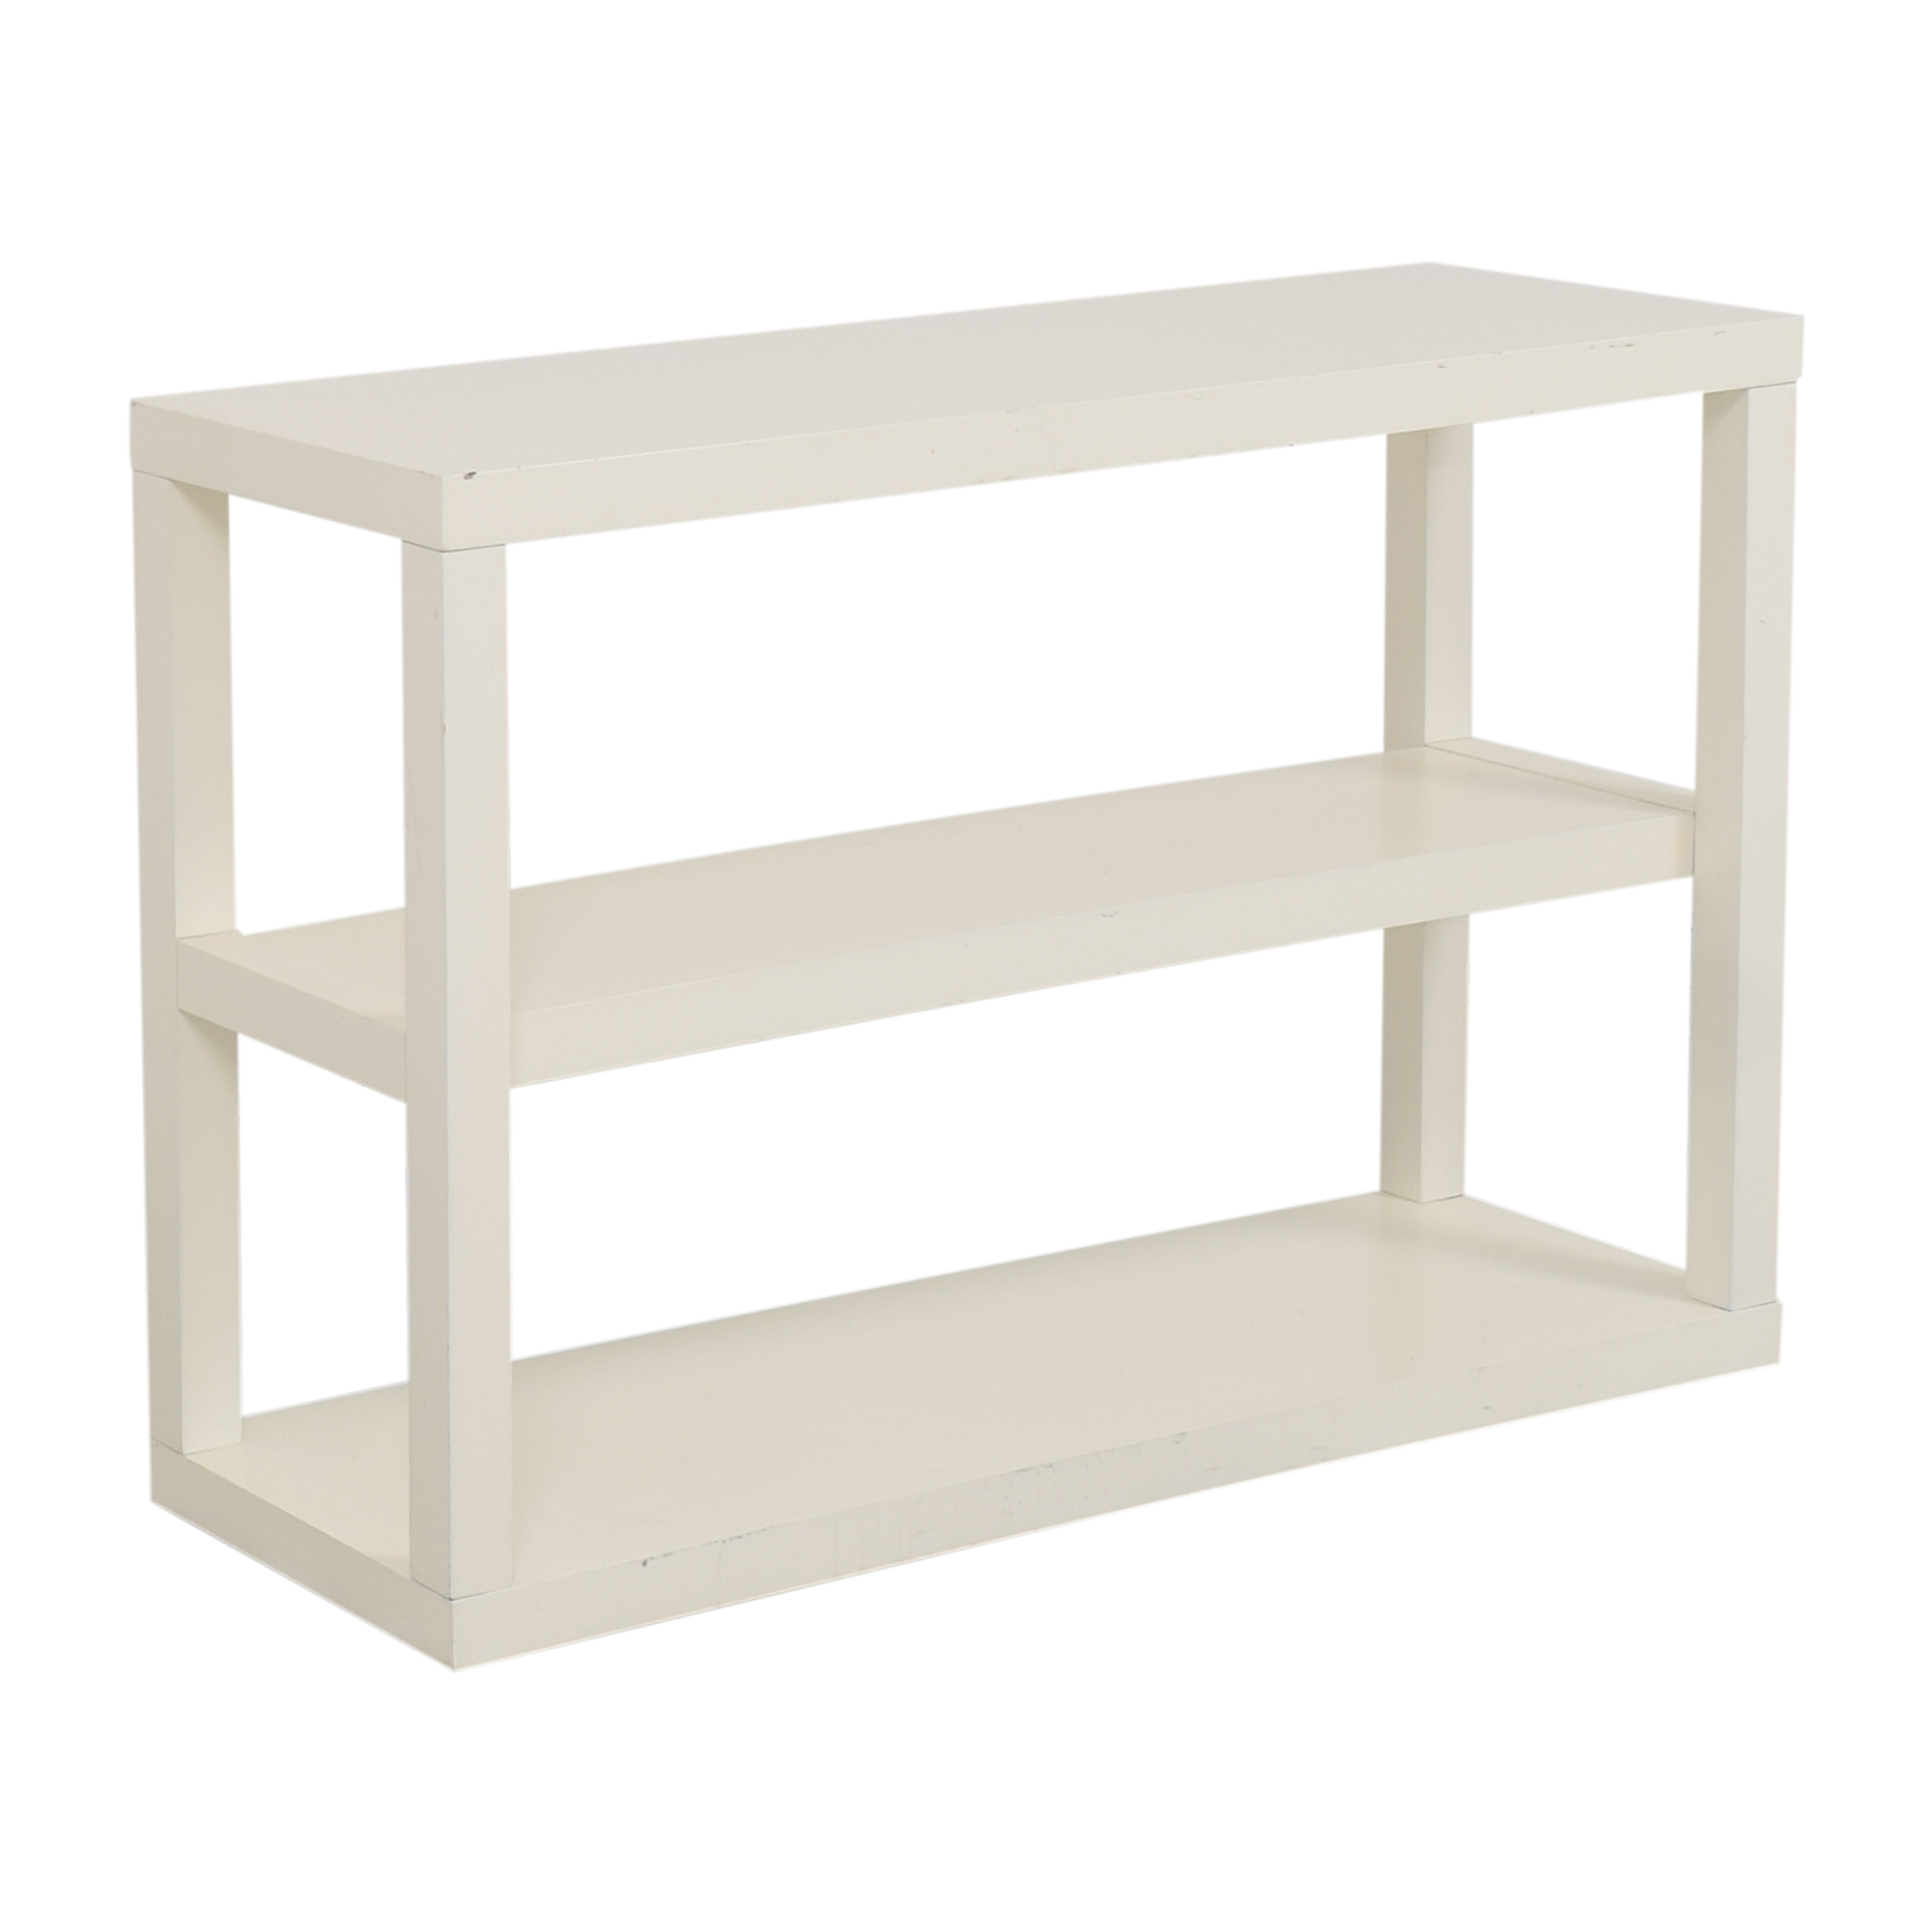 West Elm Parsons Low Shelf / Storage